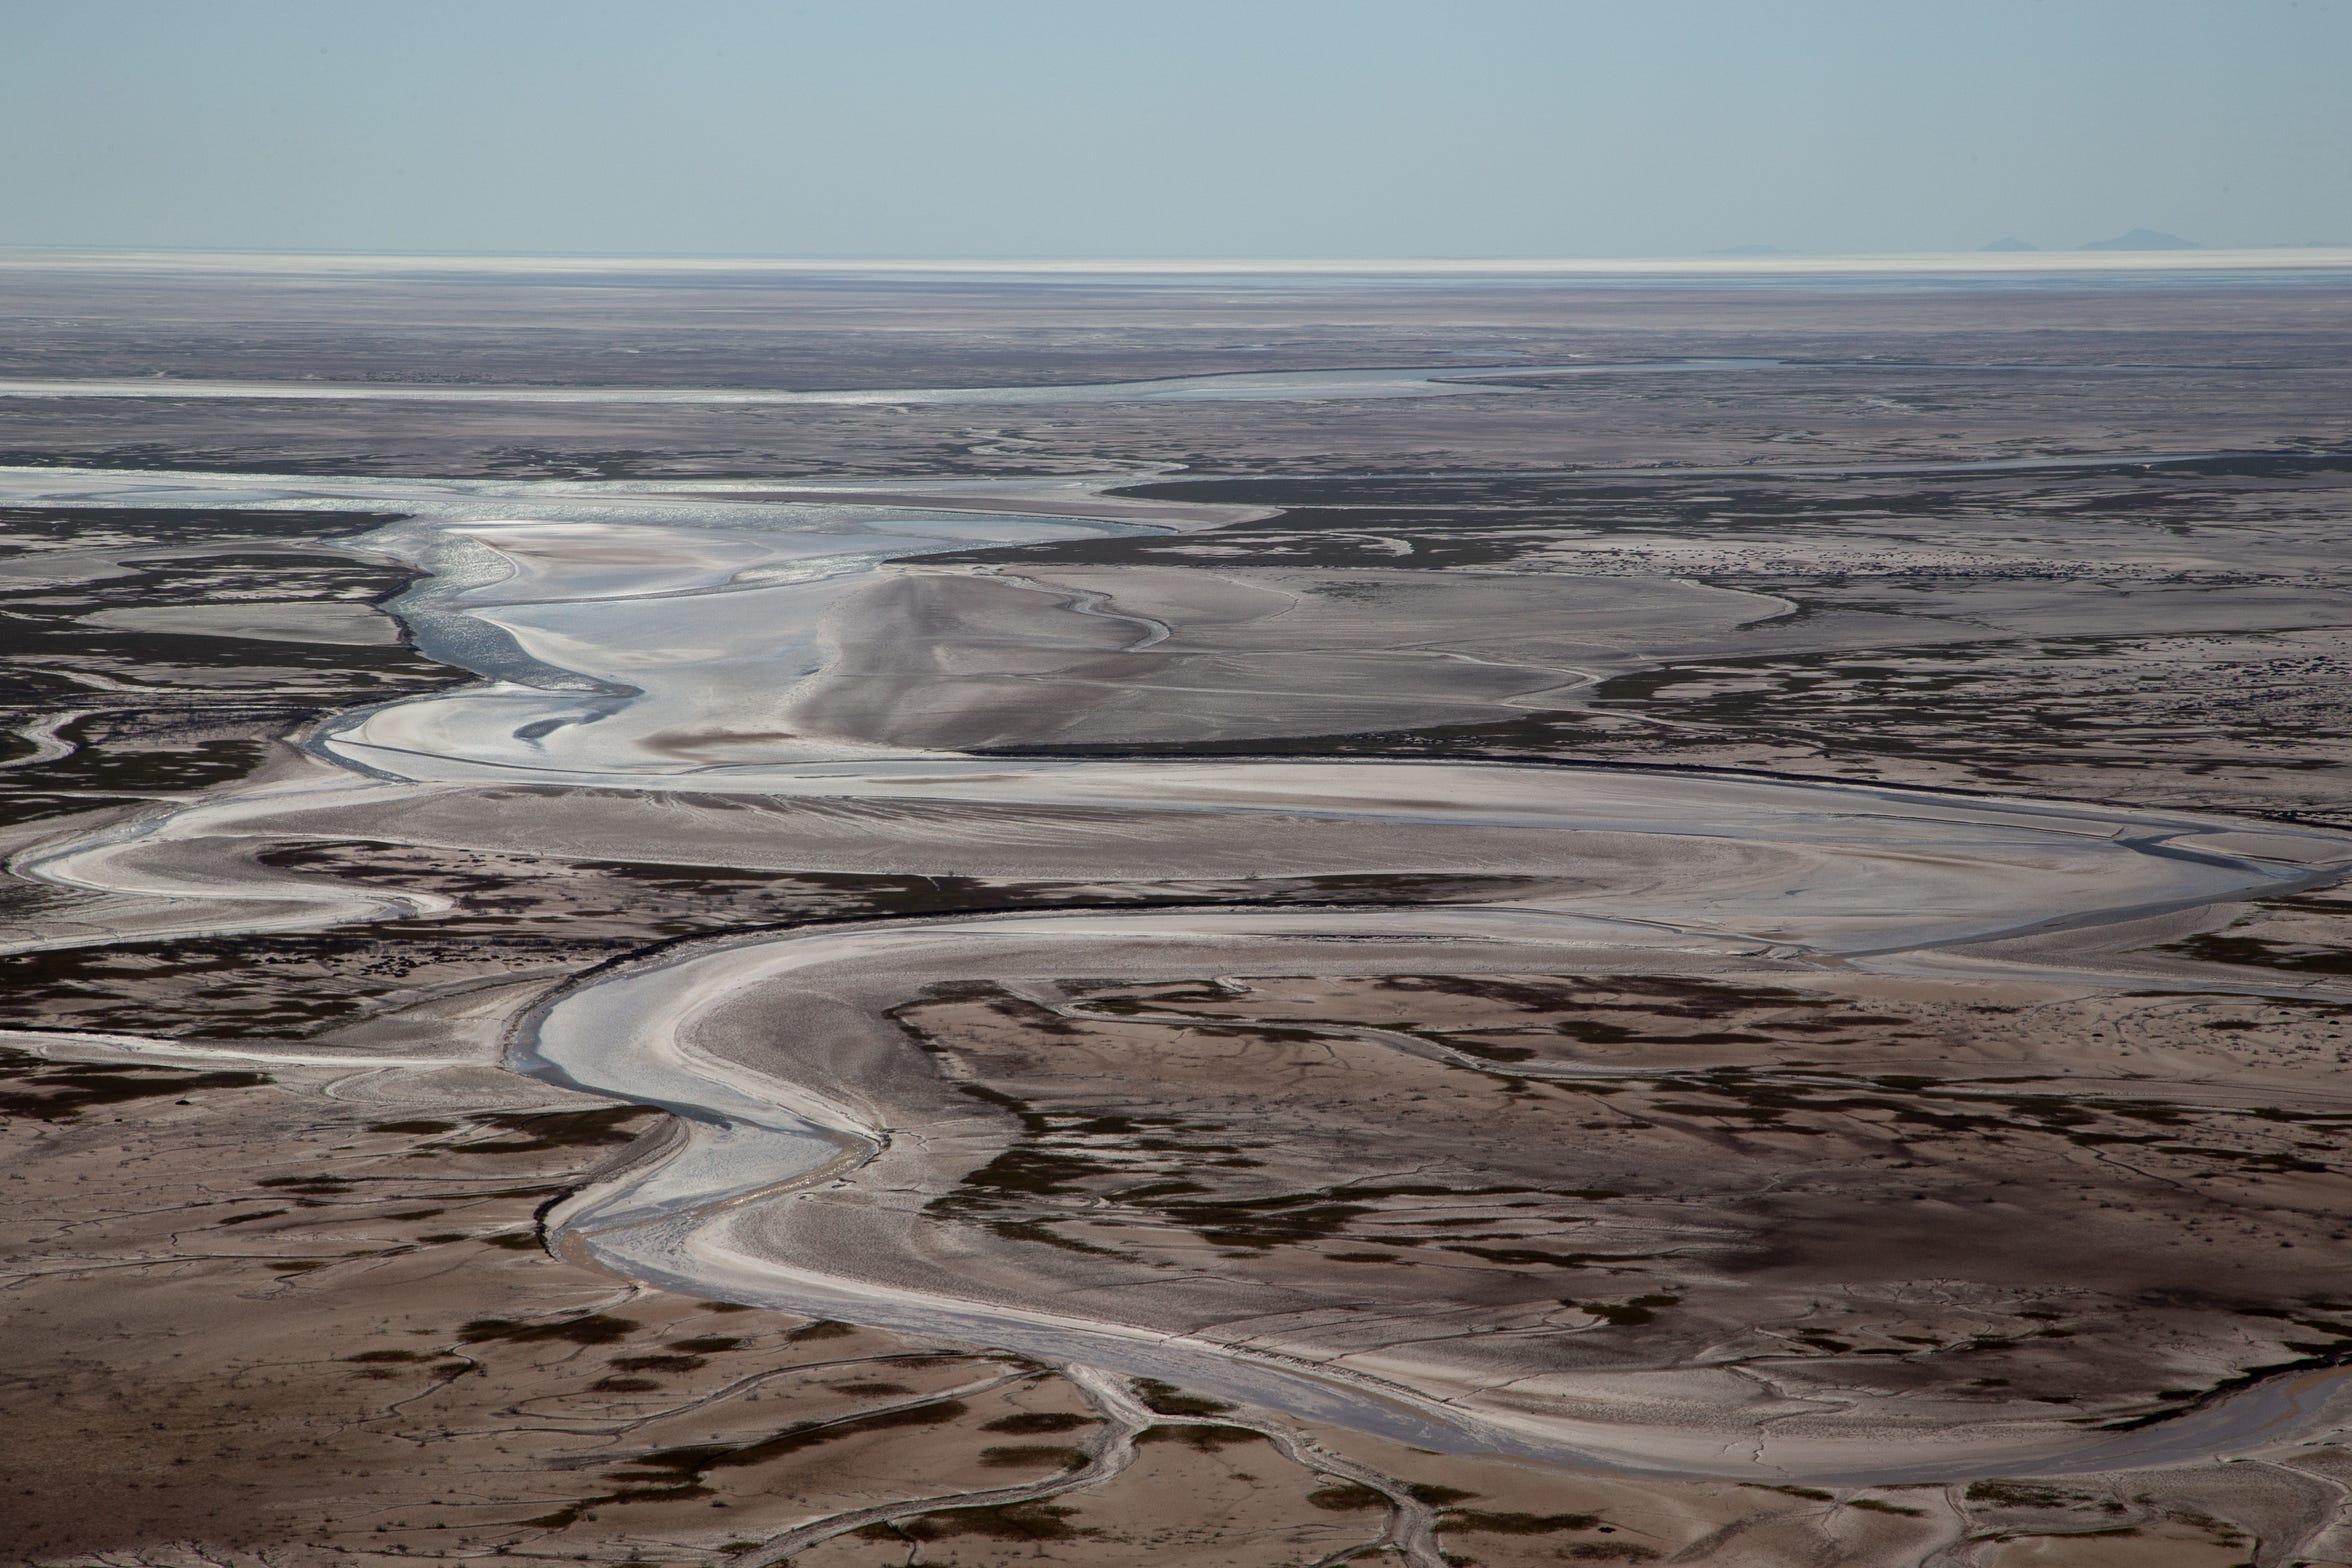 El canal de marea del Delta del Río Colorado se extiende cerca del Golfo de California en México.